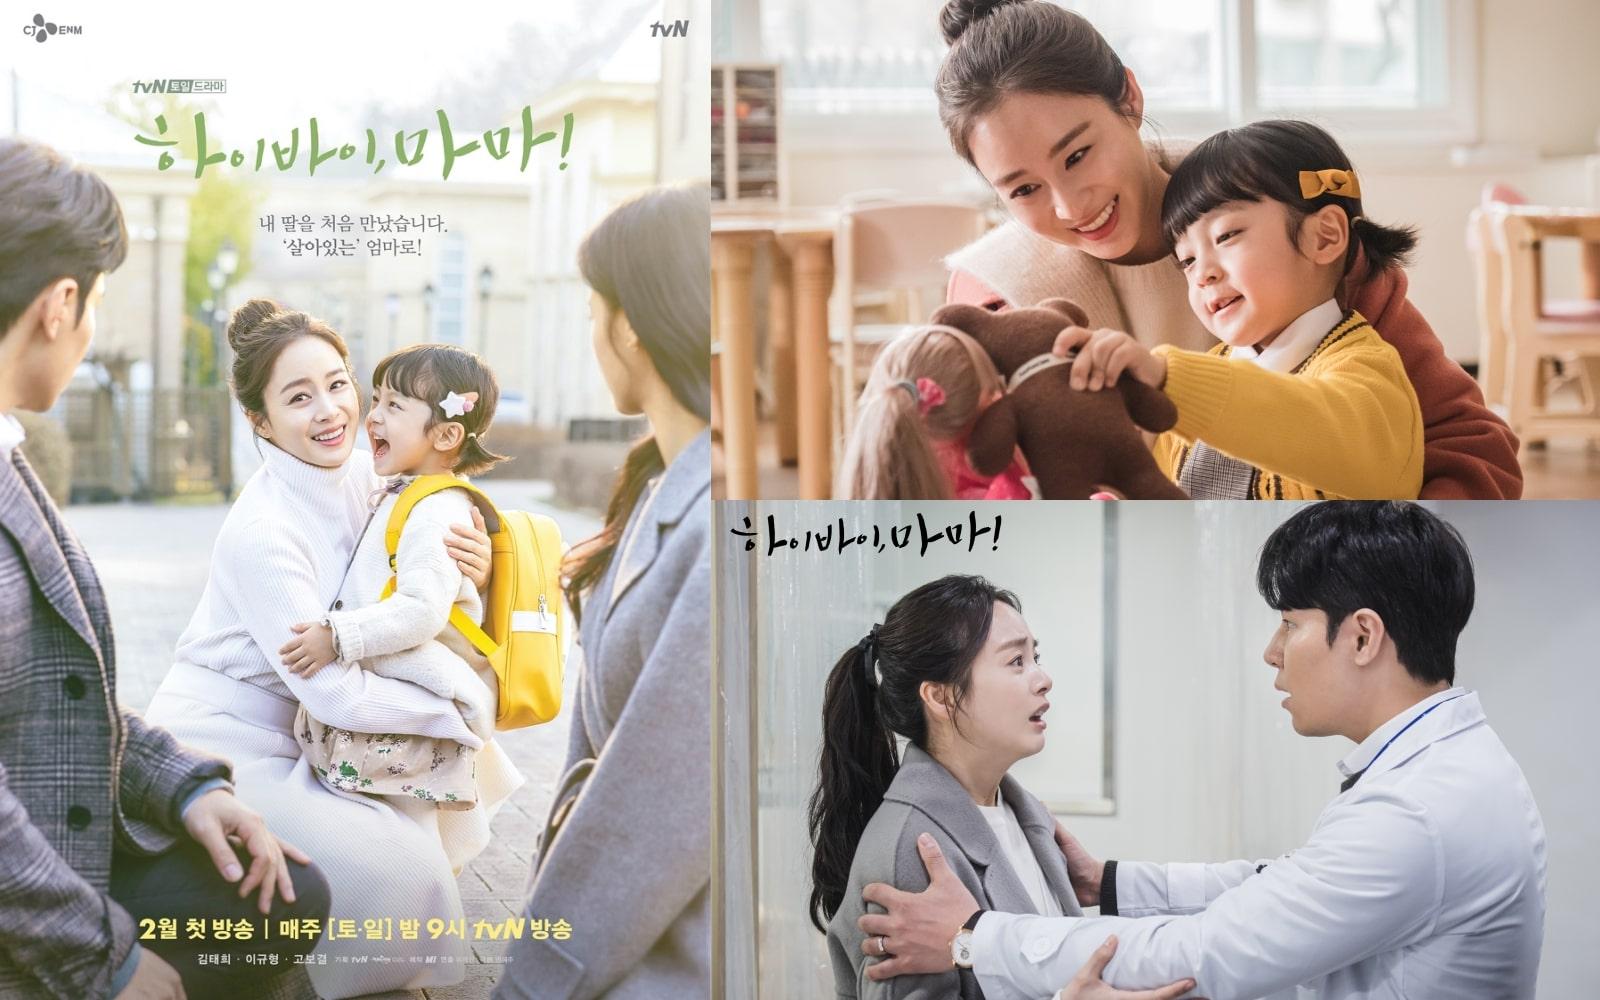 """15 ซีรี่ย์เกาหลีที่จะทำให้รู้จักคำว่า """"ความรัก"""" เพิ่มมากขึ้น!"""